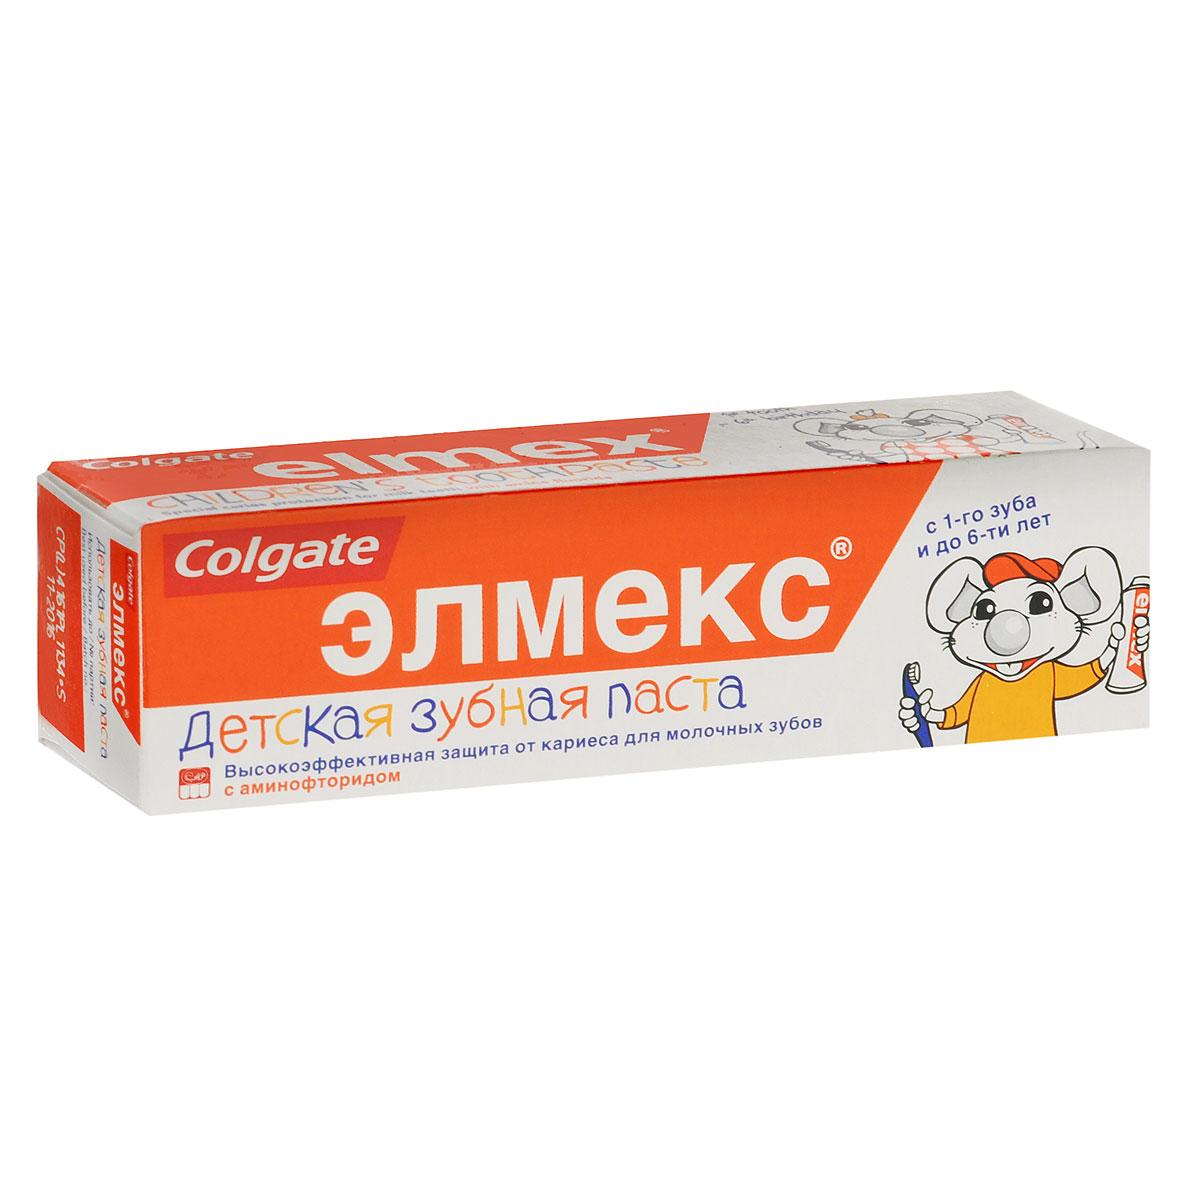 Colgate Детская зубная паста Элмекс, для молочных зубов, с аминофторидом, с 1-го зуба до 6 лет, 50 мл273891 / 282863Детская зубная паста Элмекс разработана для ежедневного ухода и защиты мягкой, не полностью сформировавшейся эмали молочных зубов. Обладает приятным, мягким, но не сладким вкусом, что не провоцирует ребенка к проглатыванию зубной пасты. Содержание аминофторида адаптировано к потребностям организма ребенка в возрасте до 6 лет. Товар сертифицирован.